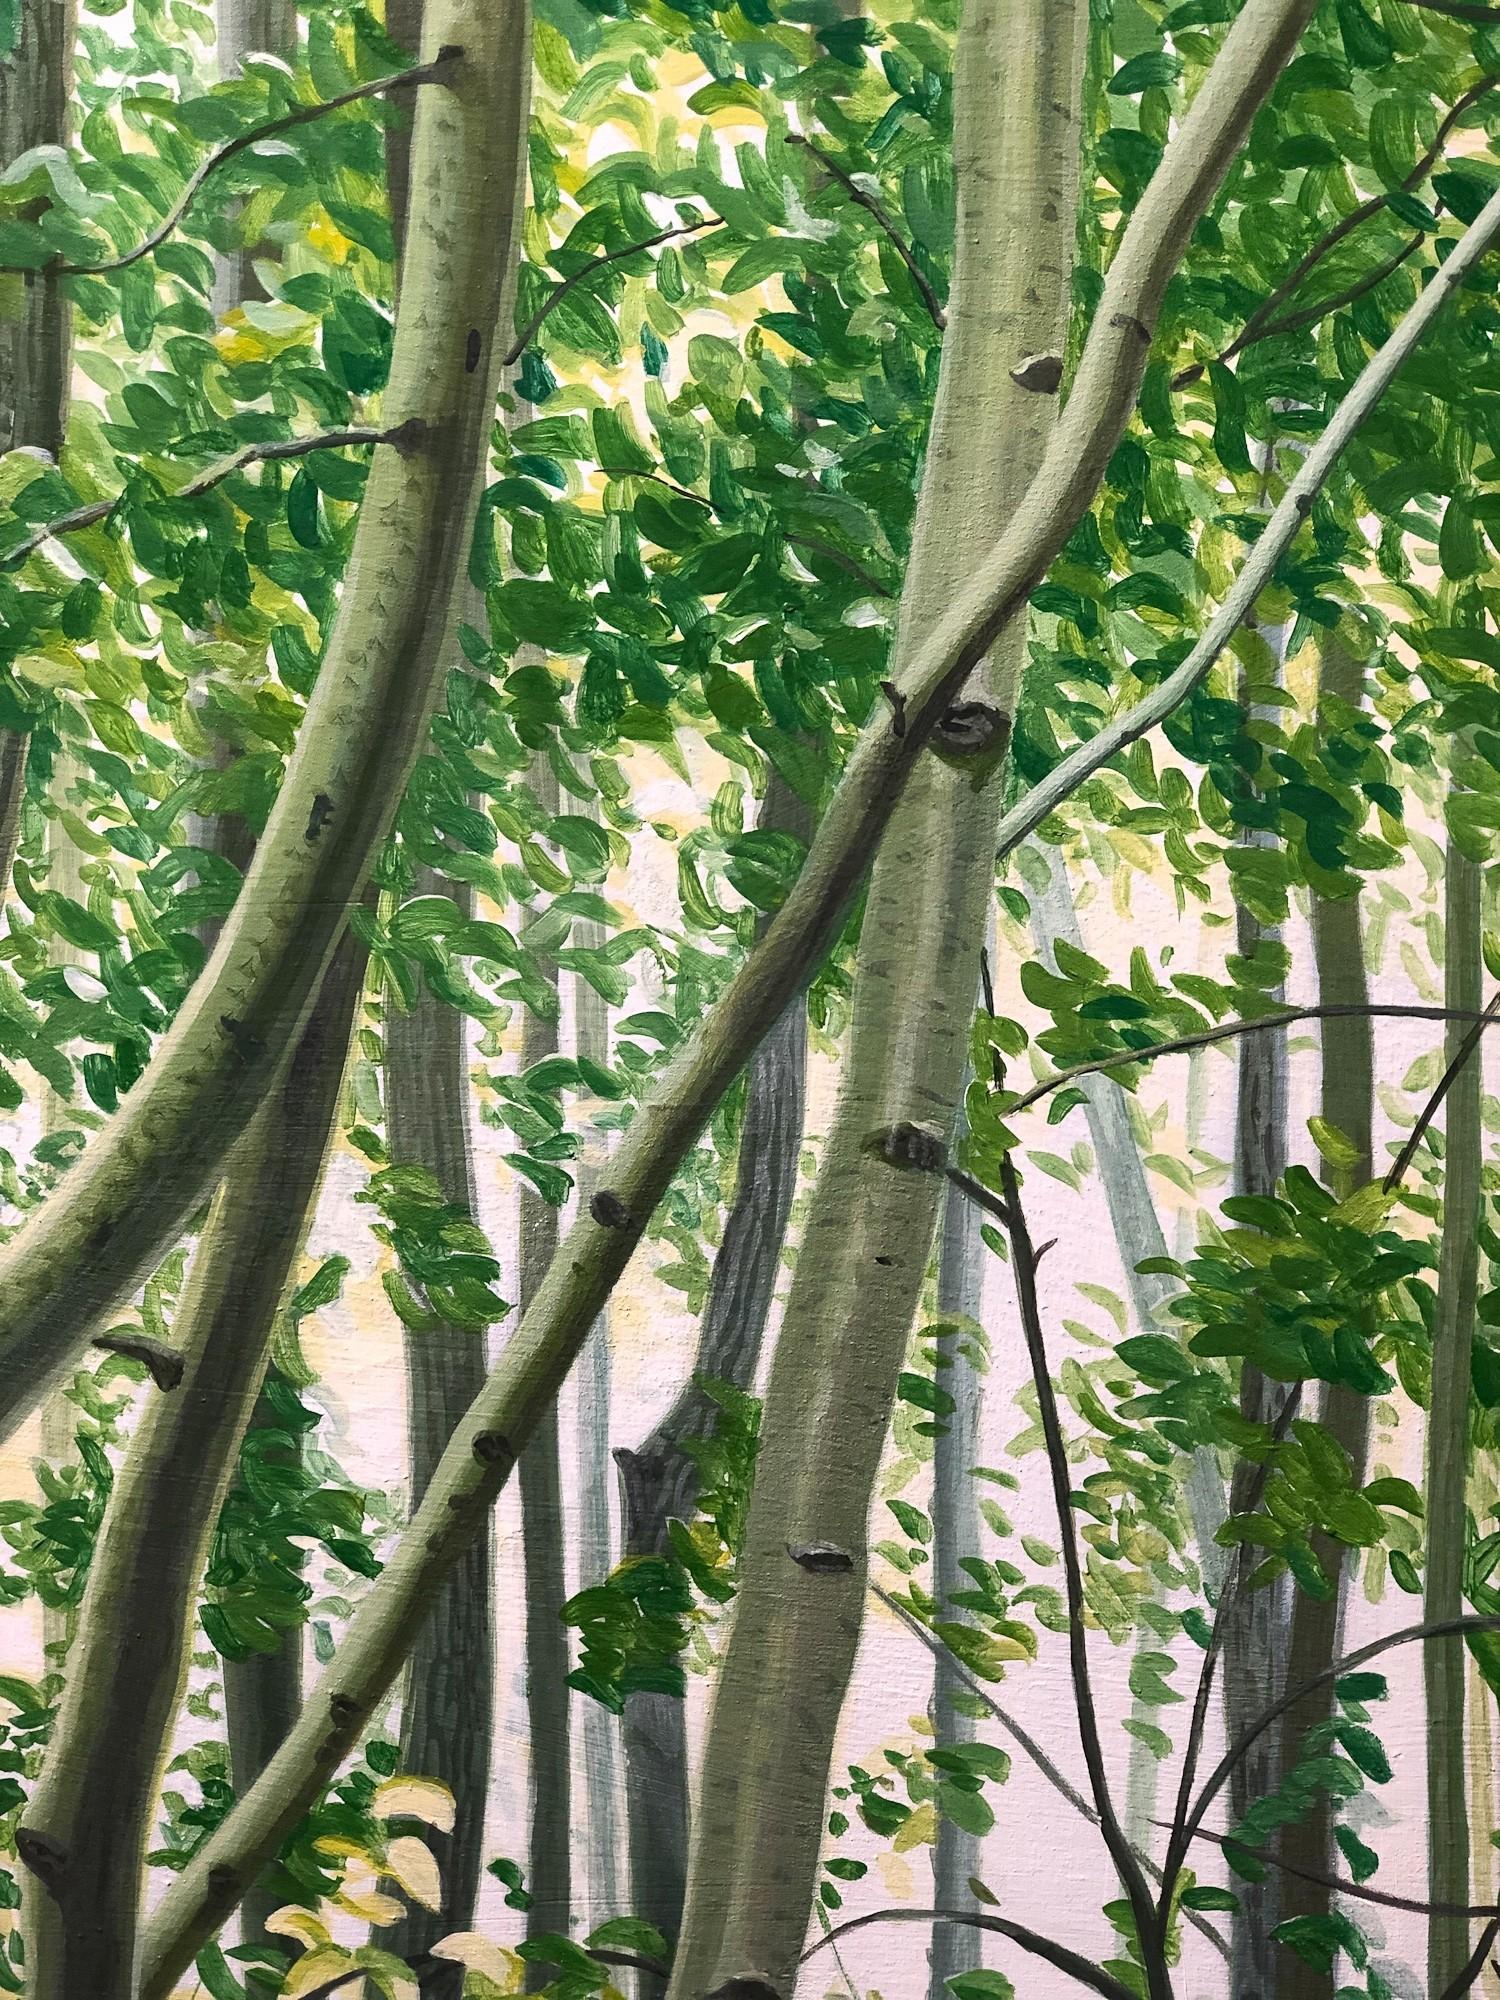 Mythischer Wald | Detail, Malerei von Sven Wiebers | Acryl auf Baumwolle